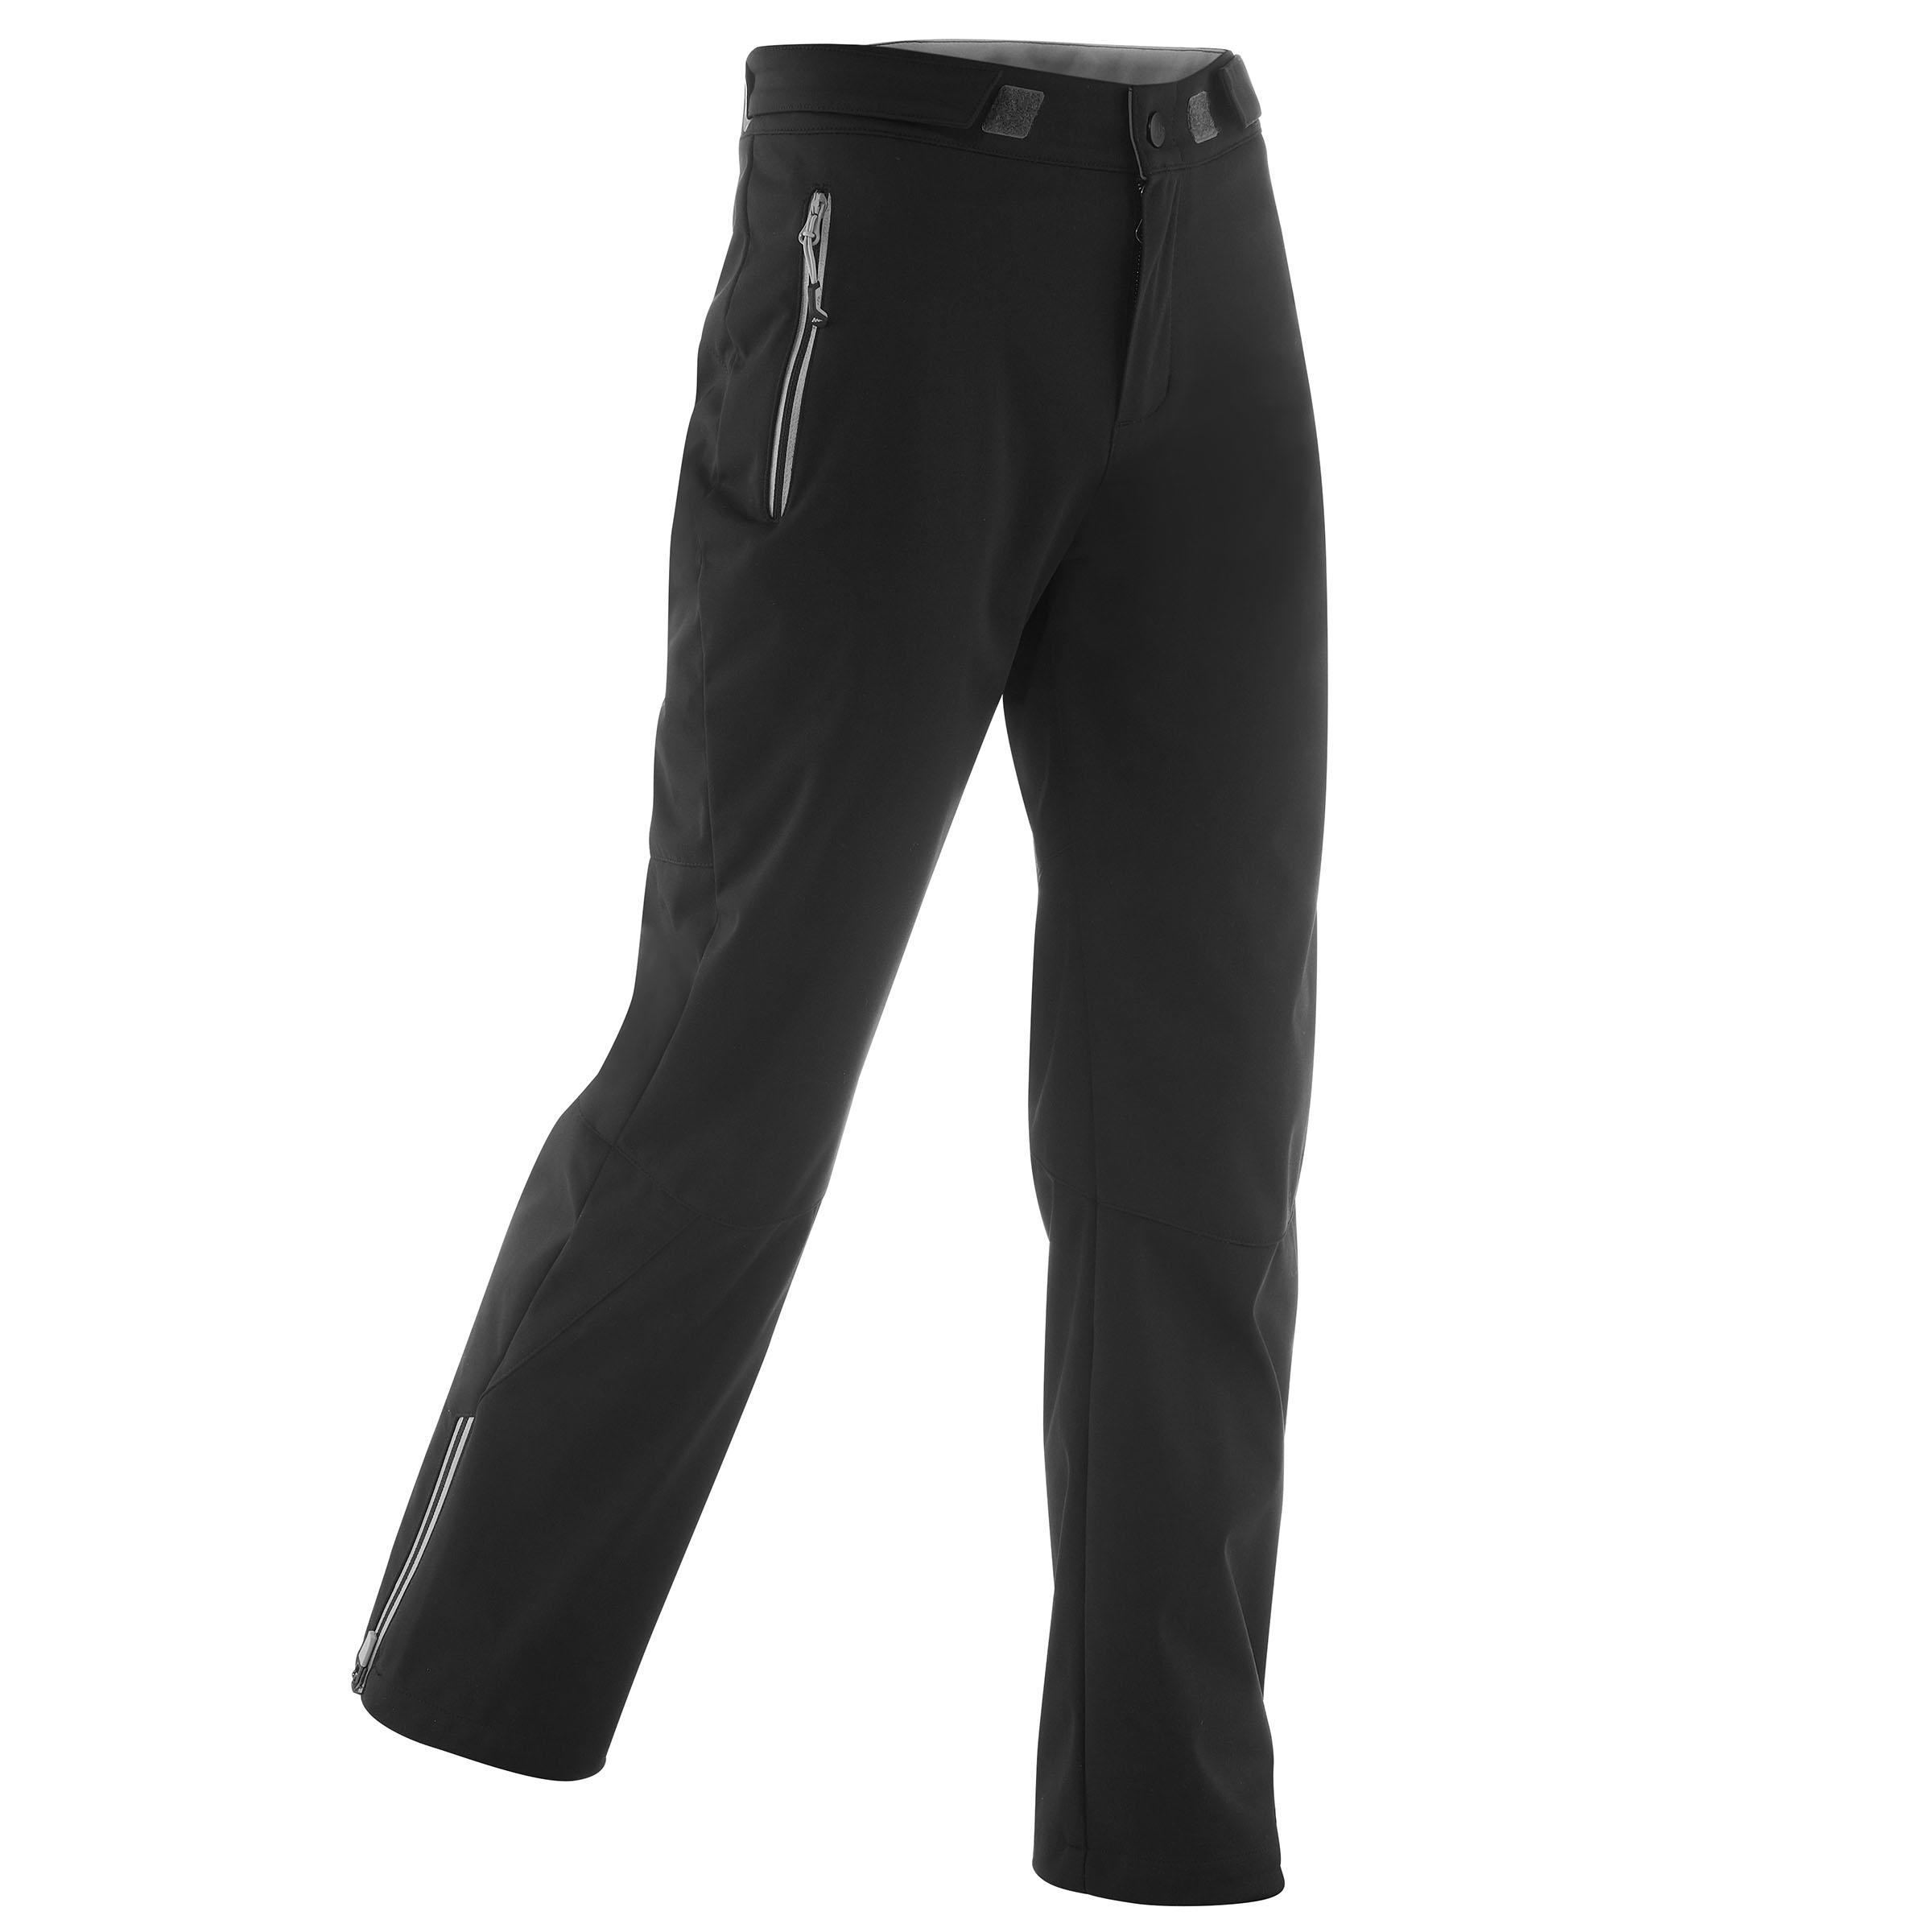 Pantalon de ski de fond junior XC S PANT 500 noir